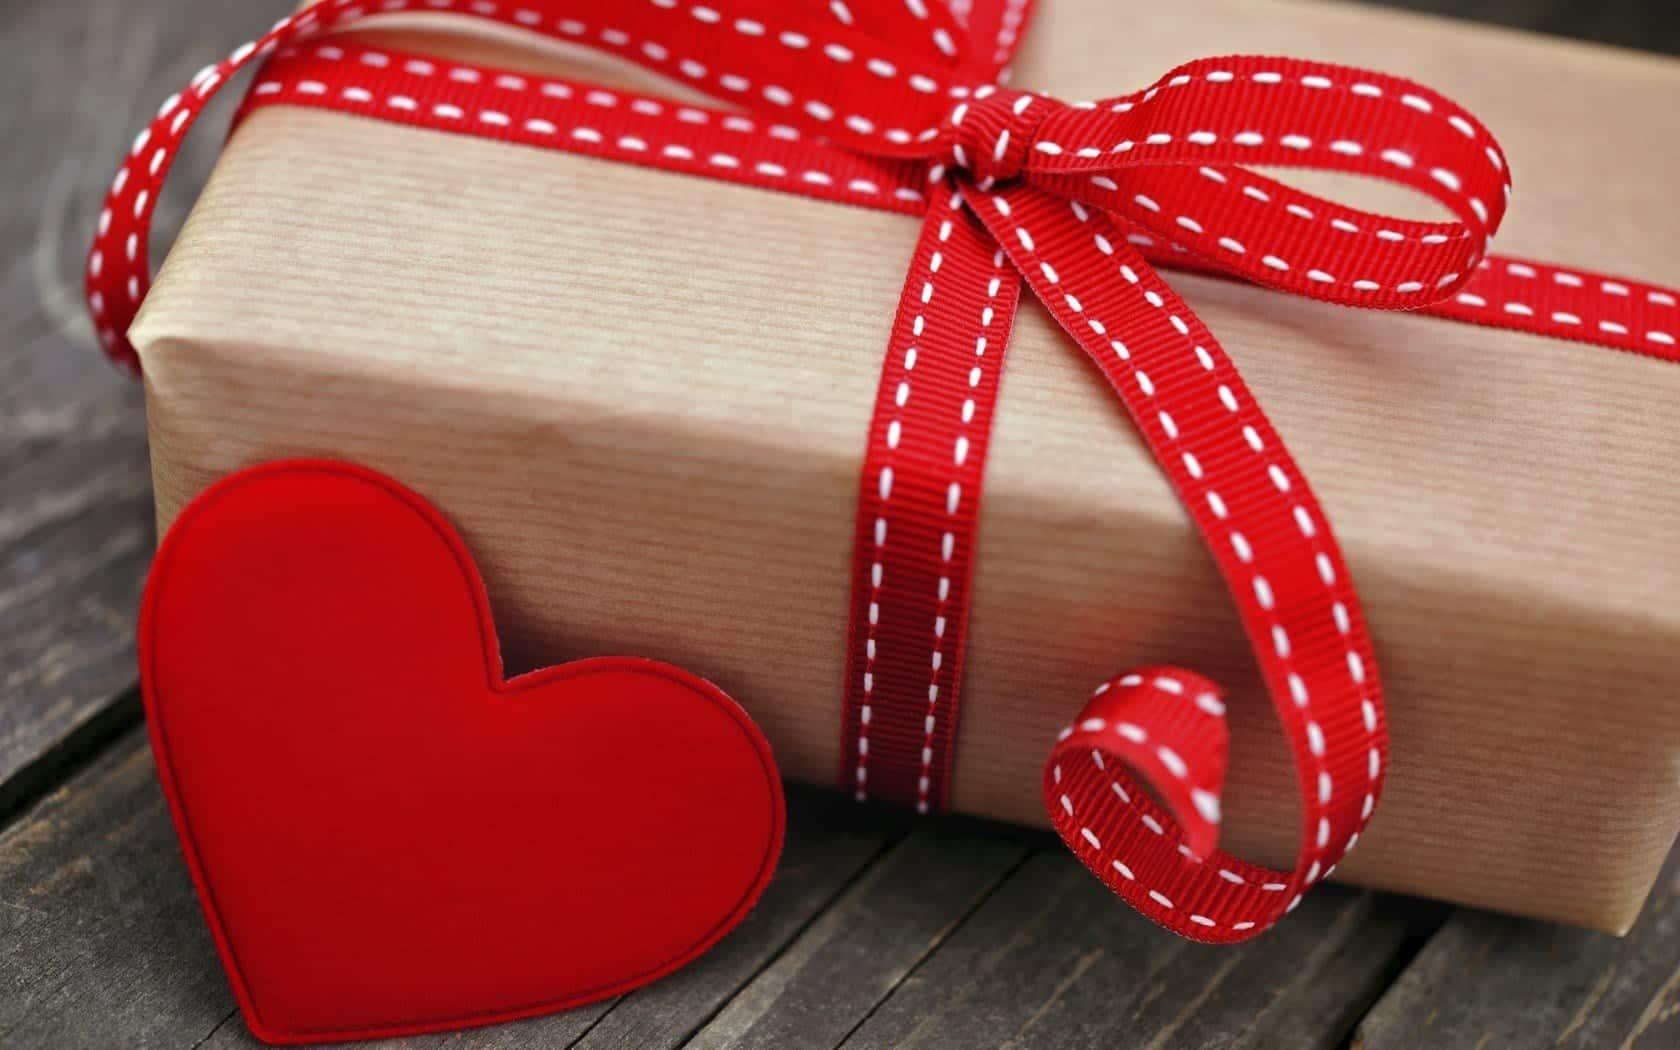 Presentes de Dia dos Namorados, o que você vai dar? 6 sugestões